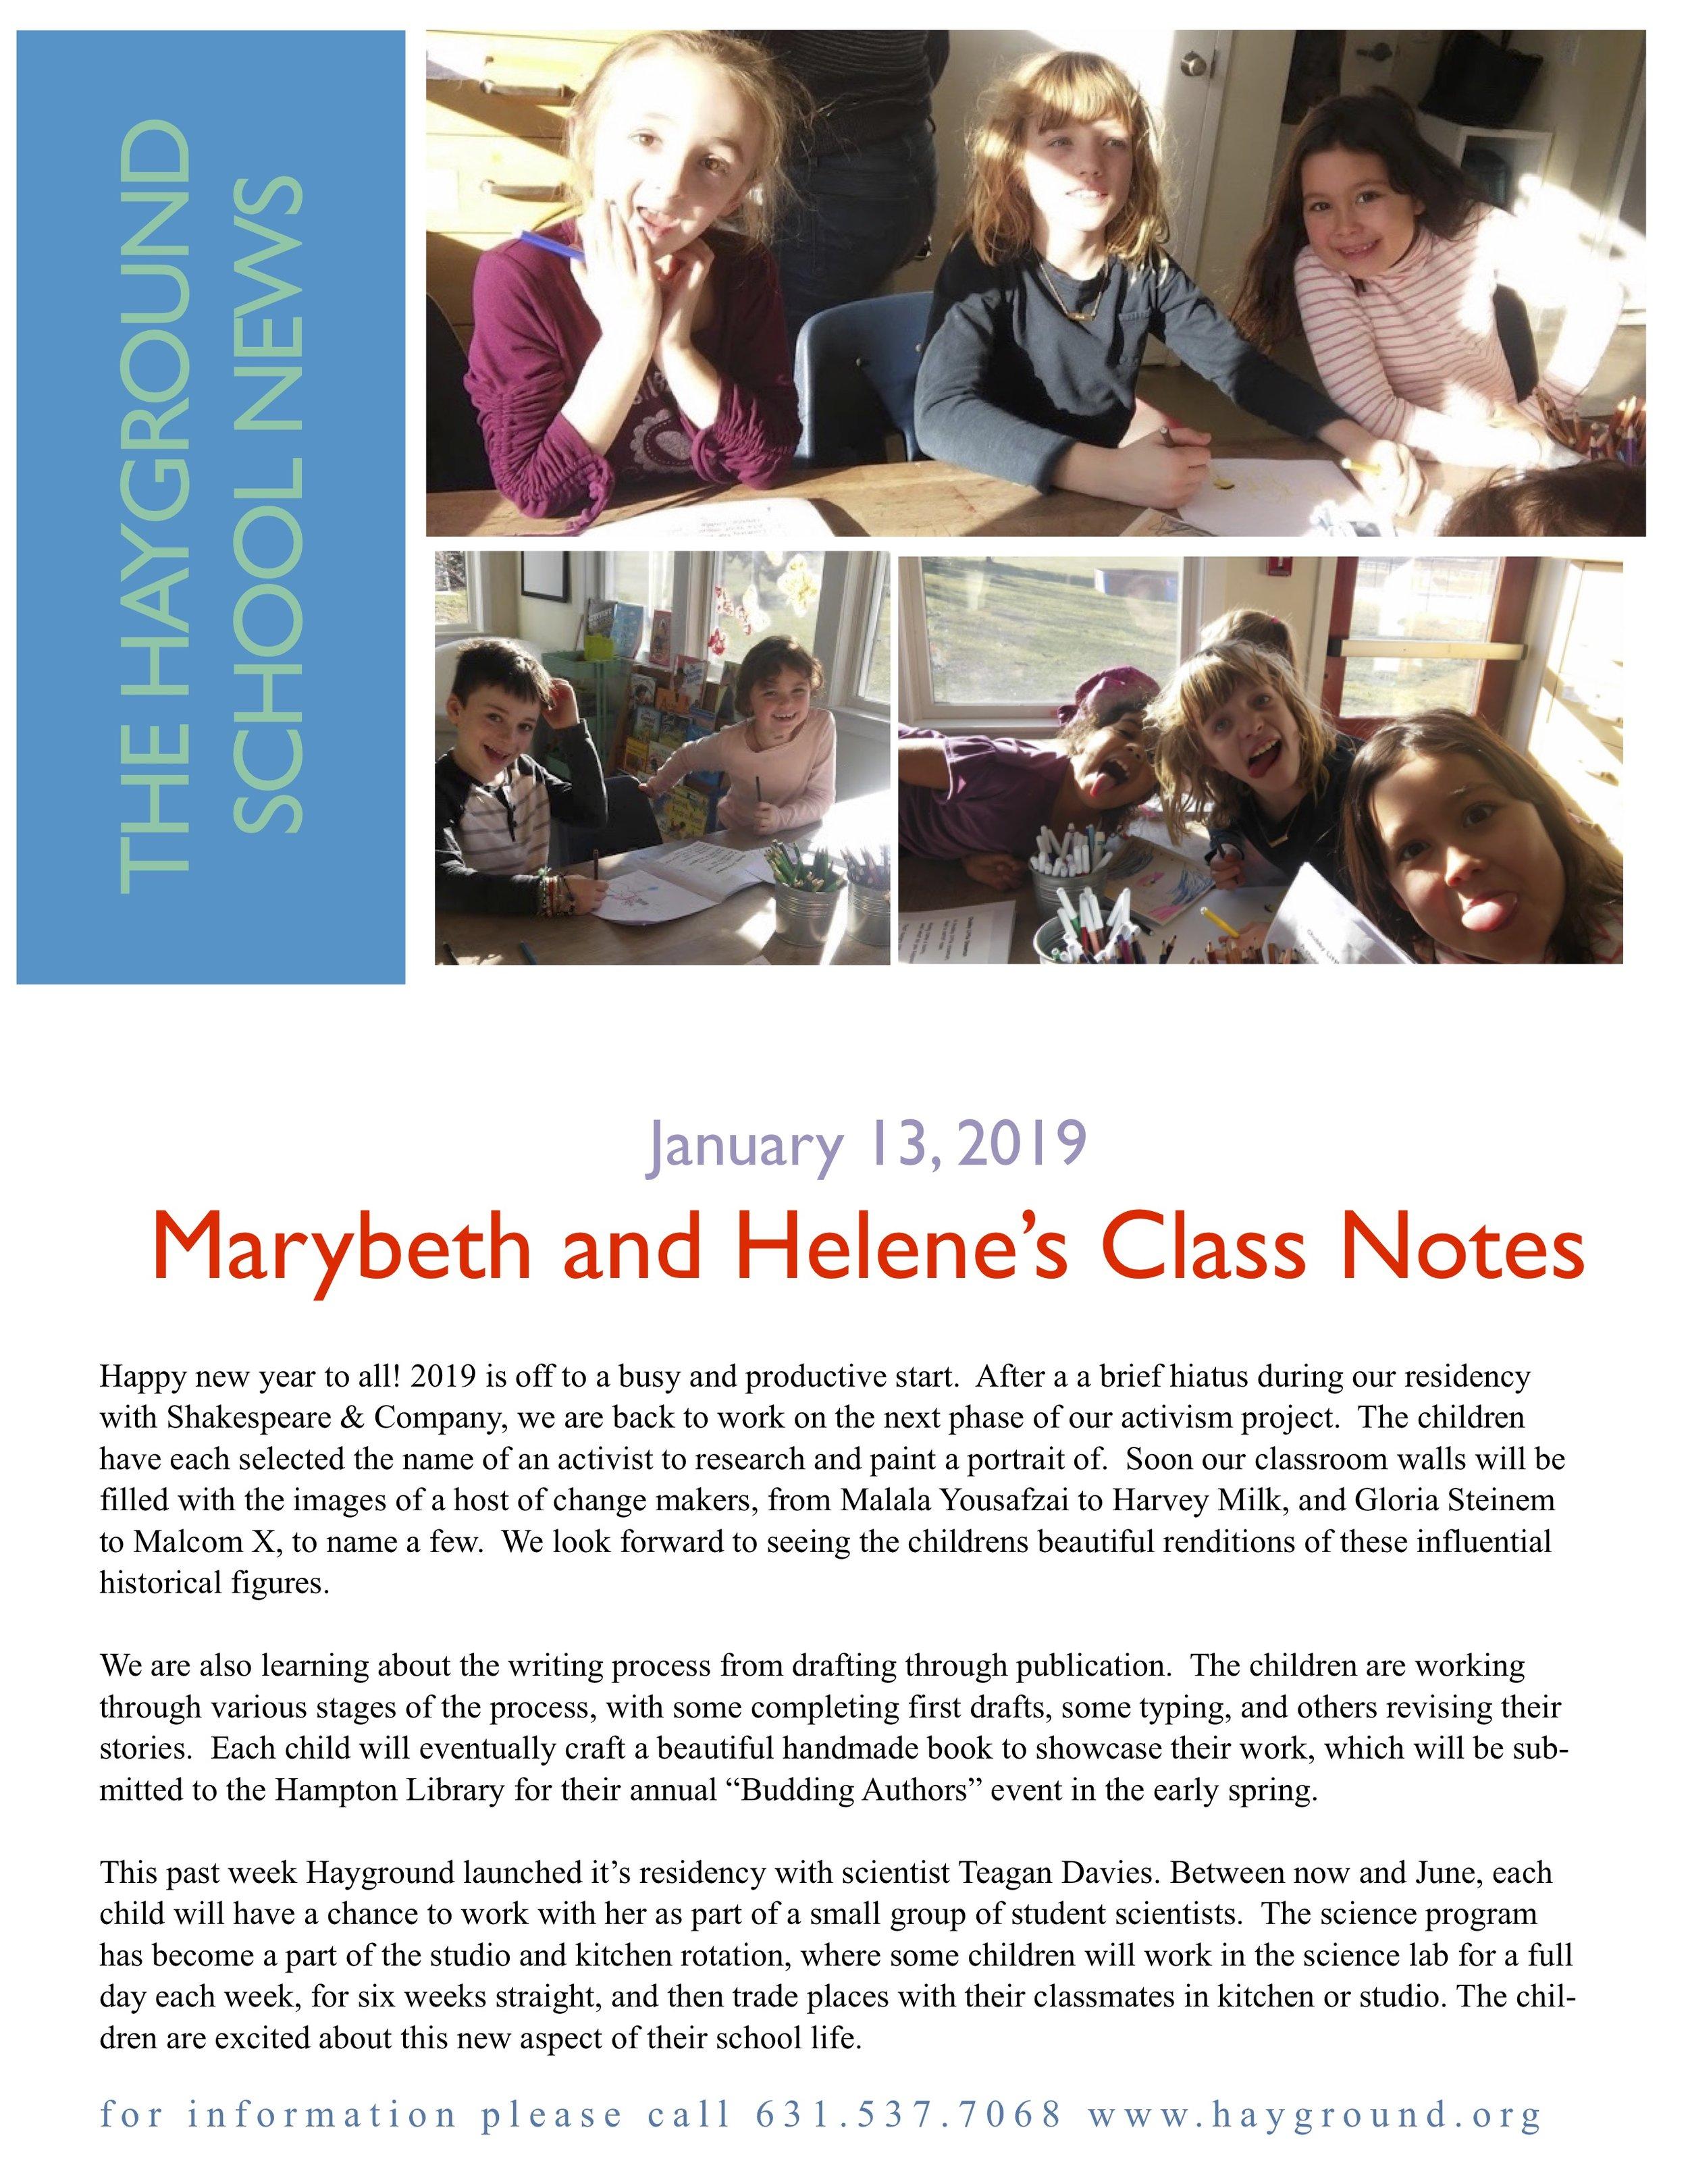 Marybeth & Helene Class Notes 1-13-19 copy.jpg